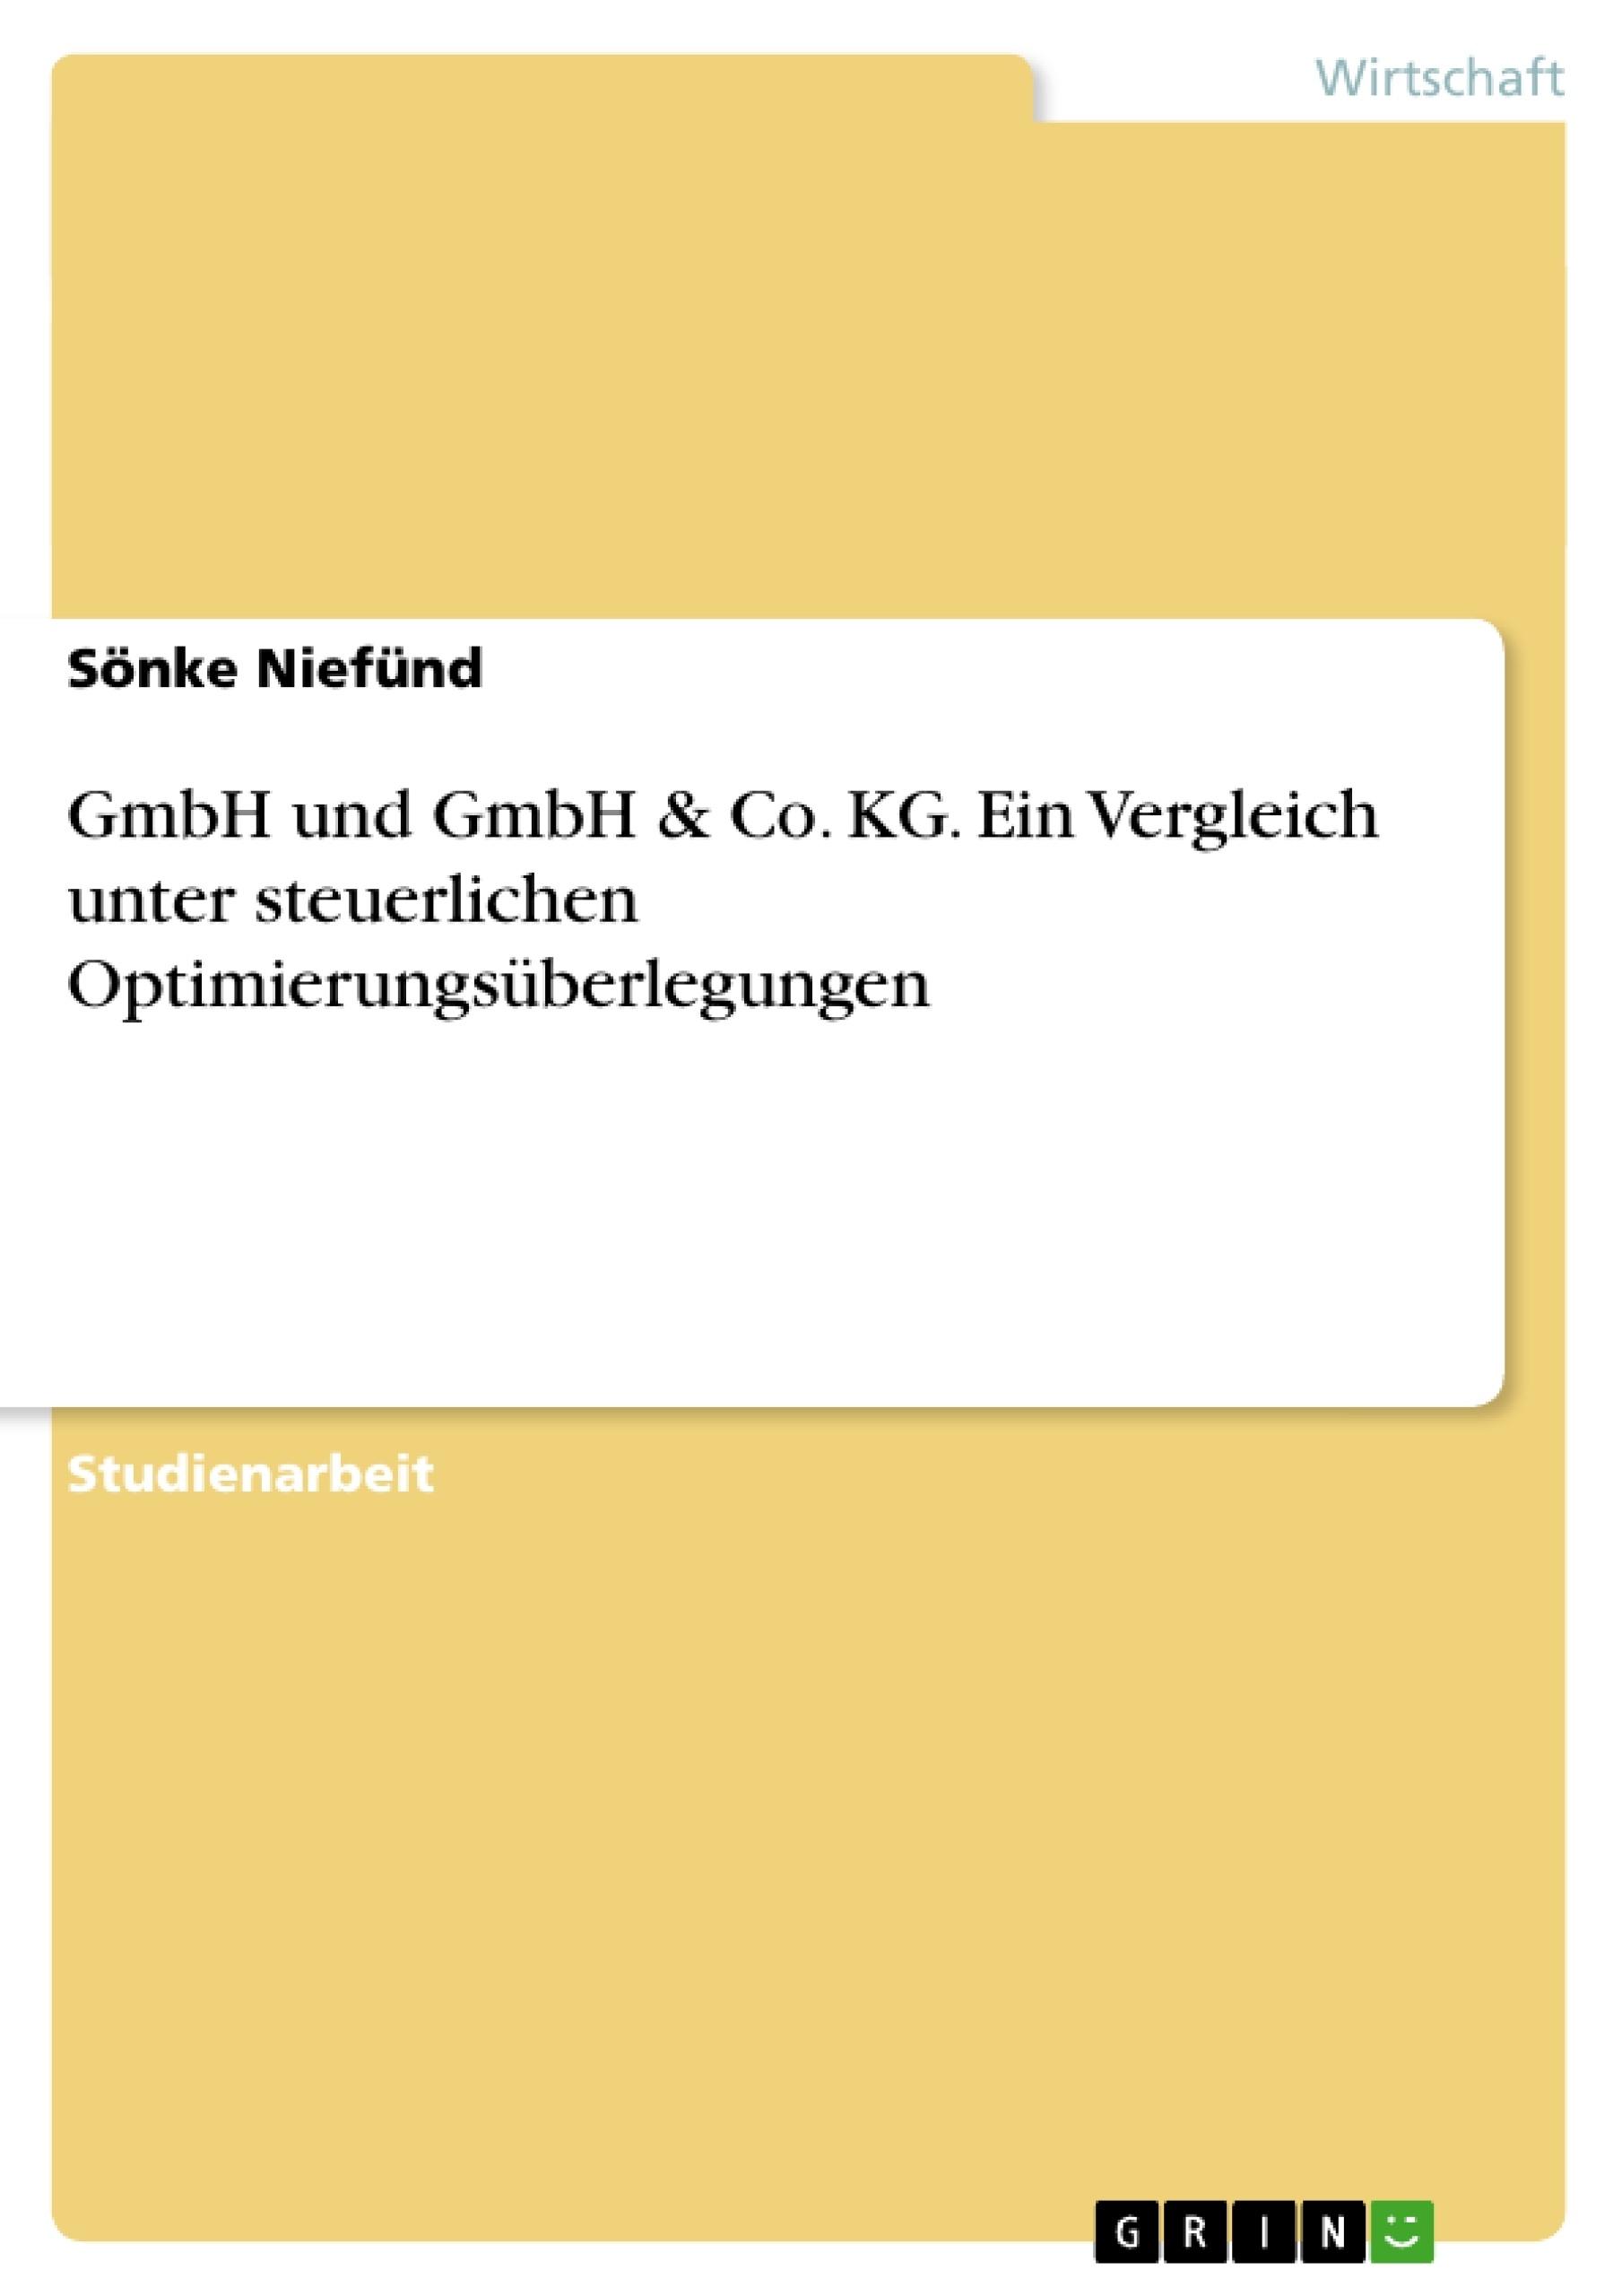 Titel: GmbH und GmbH & Co. KG. Ein Vergleich unter steuerlichen Optimierungsüberlegungen